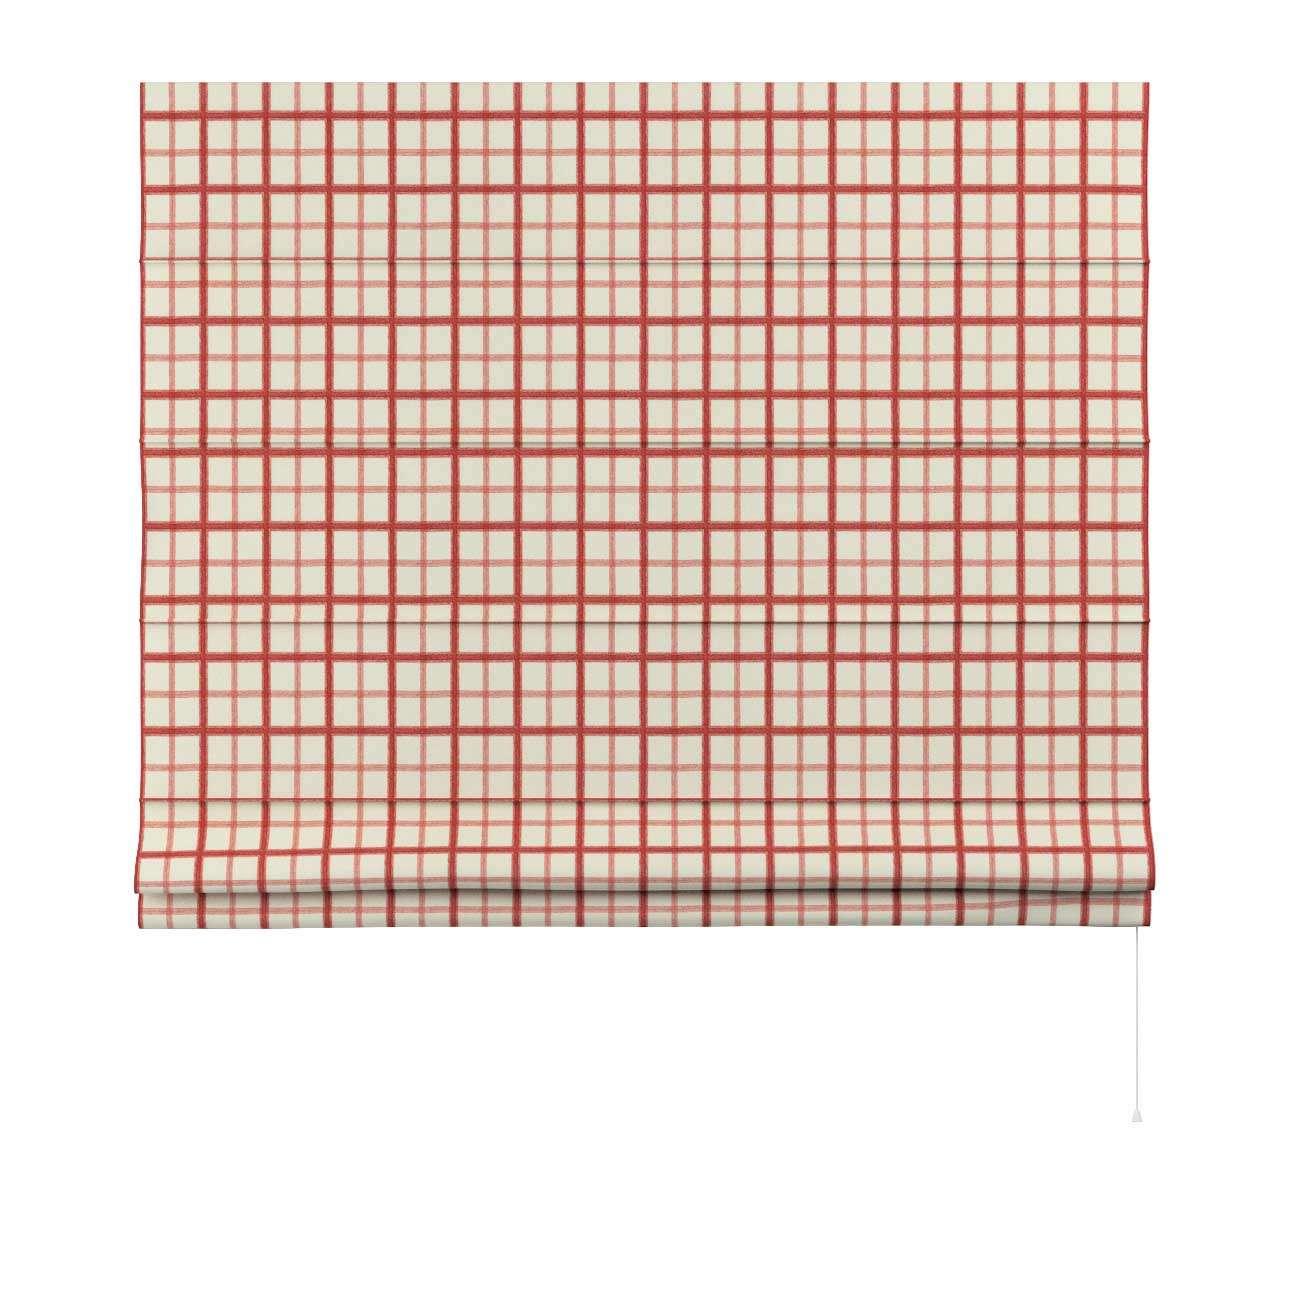 Foldegardin Capri<br/>Uden flæsekant 80 x 170 cm fra kollektionen Avinon, Stof: 131-15